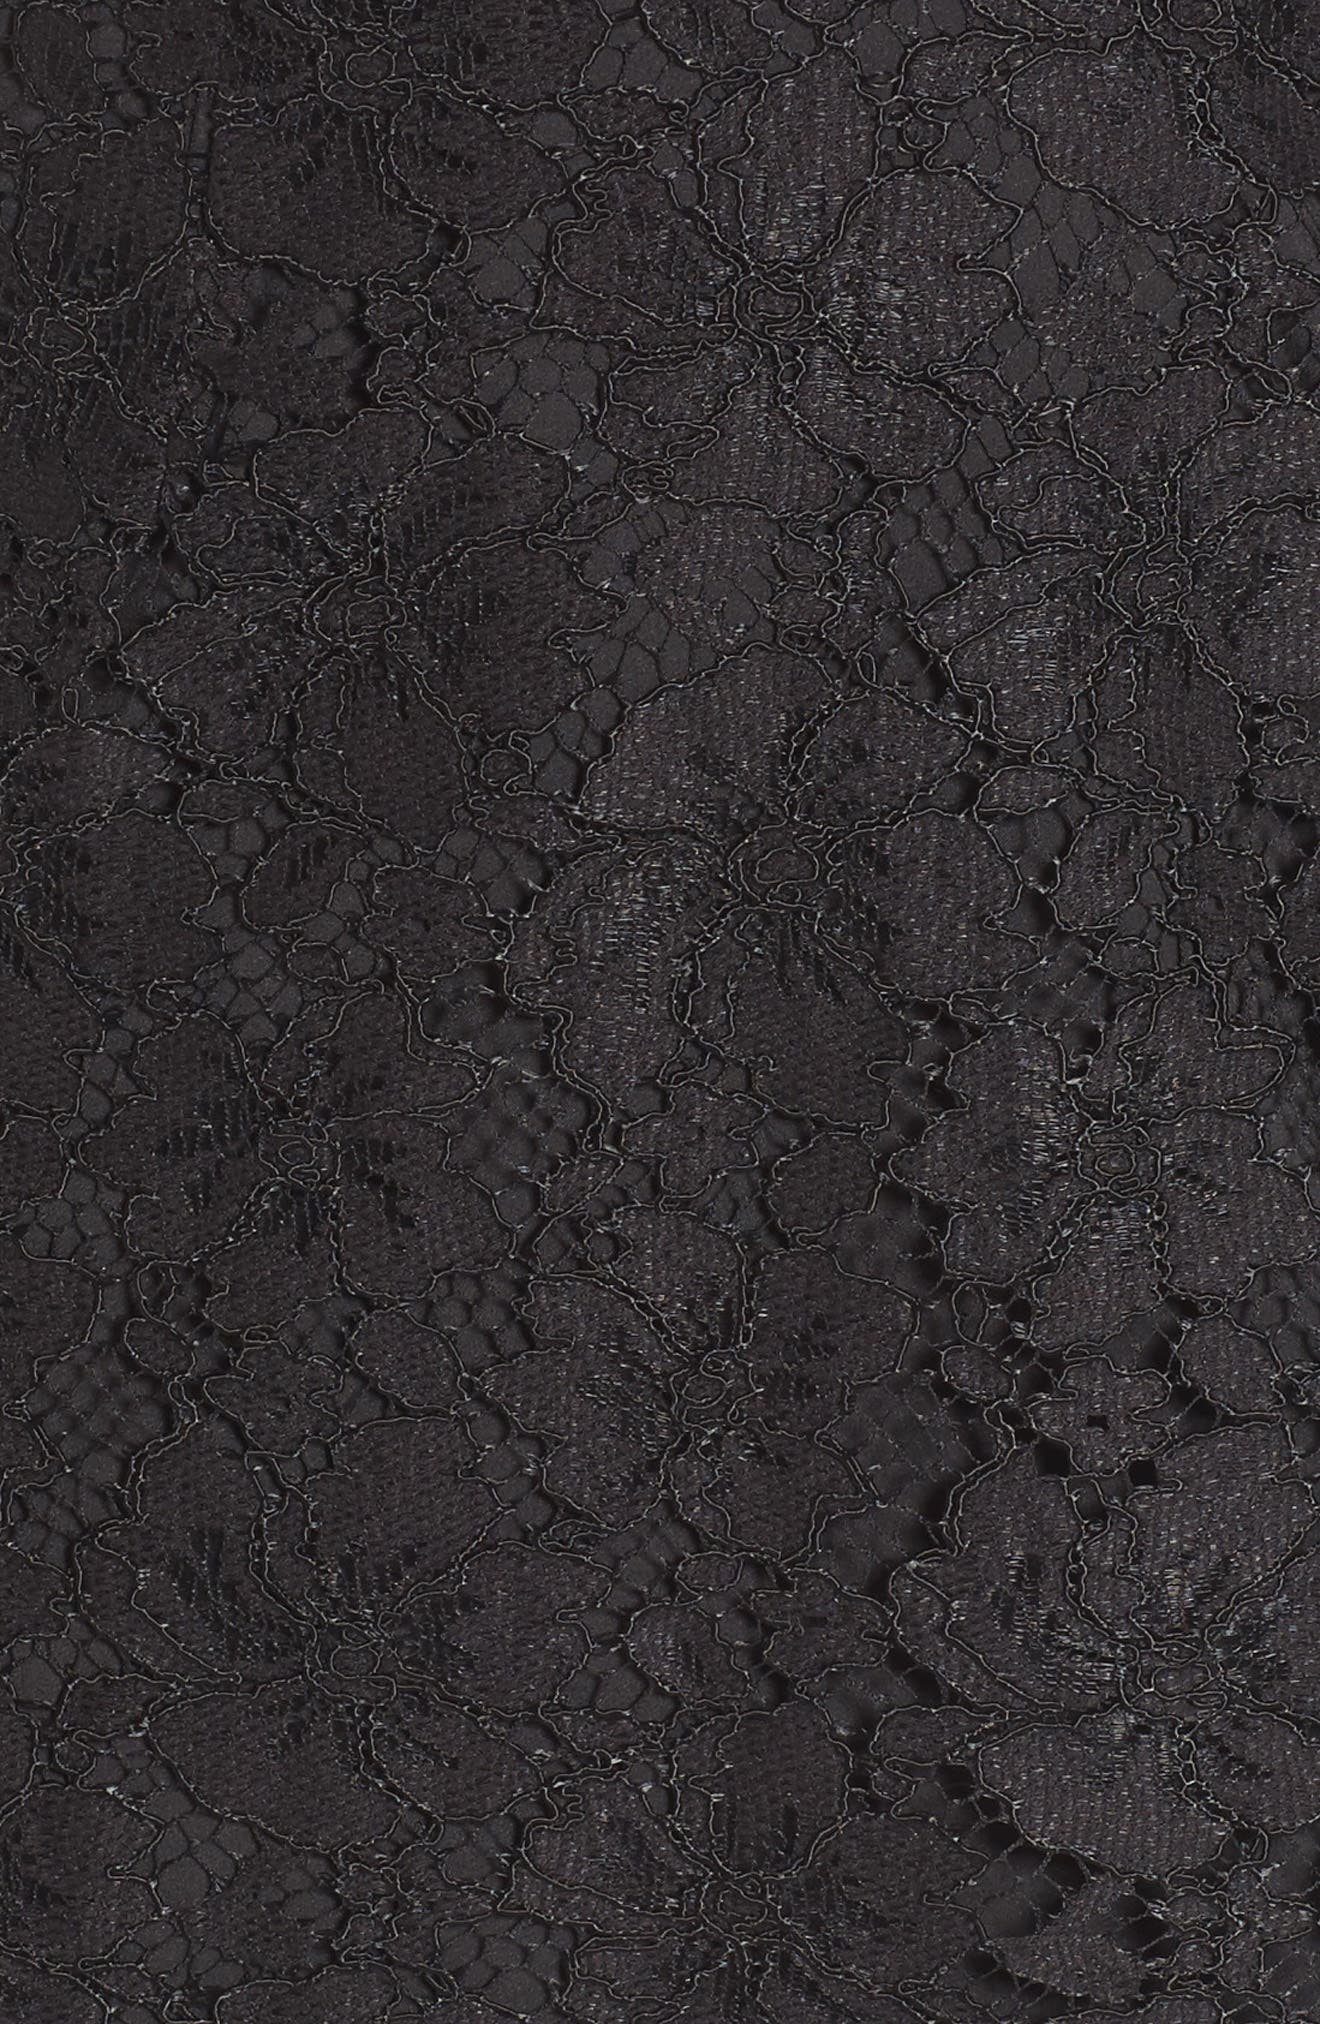 Say It Out Loud Lace Dress,                             Alternate thumbnail 5, color,                             002